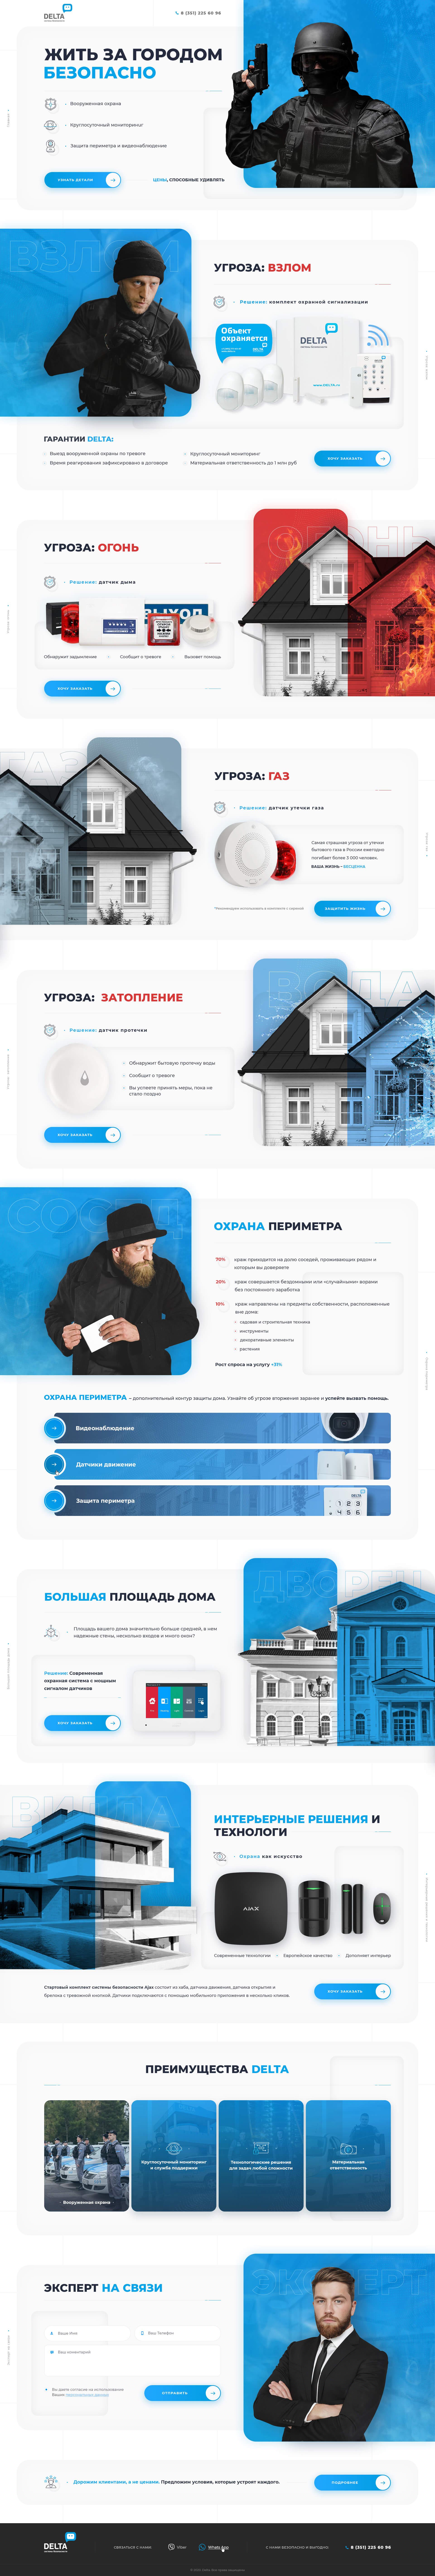 LP_DeltaM_01_Home_Page_1.0